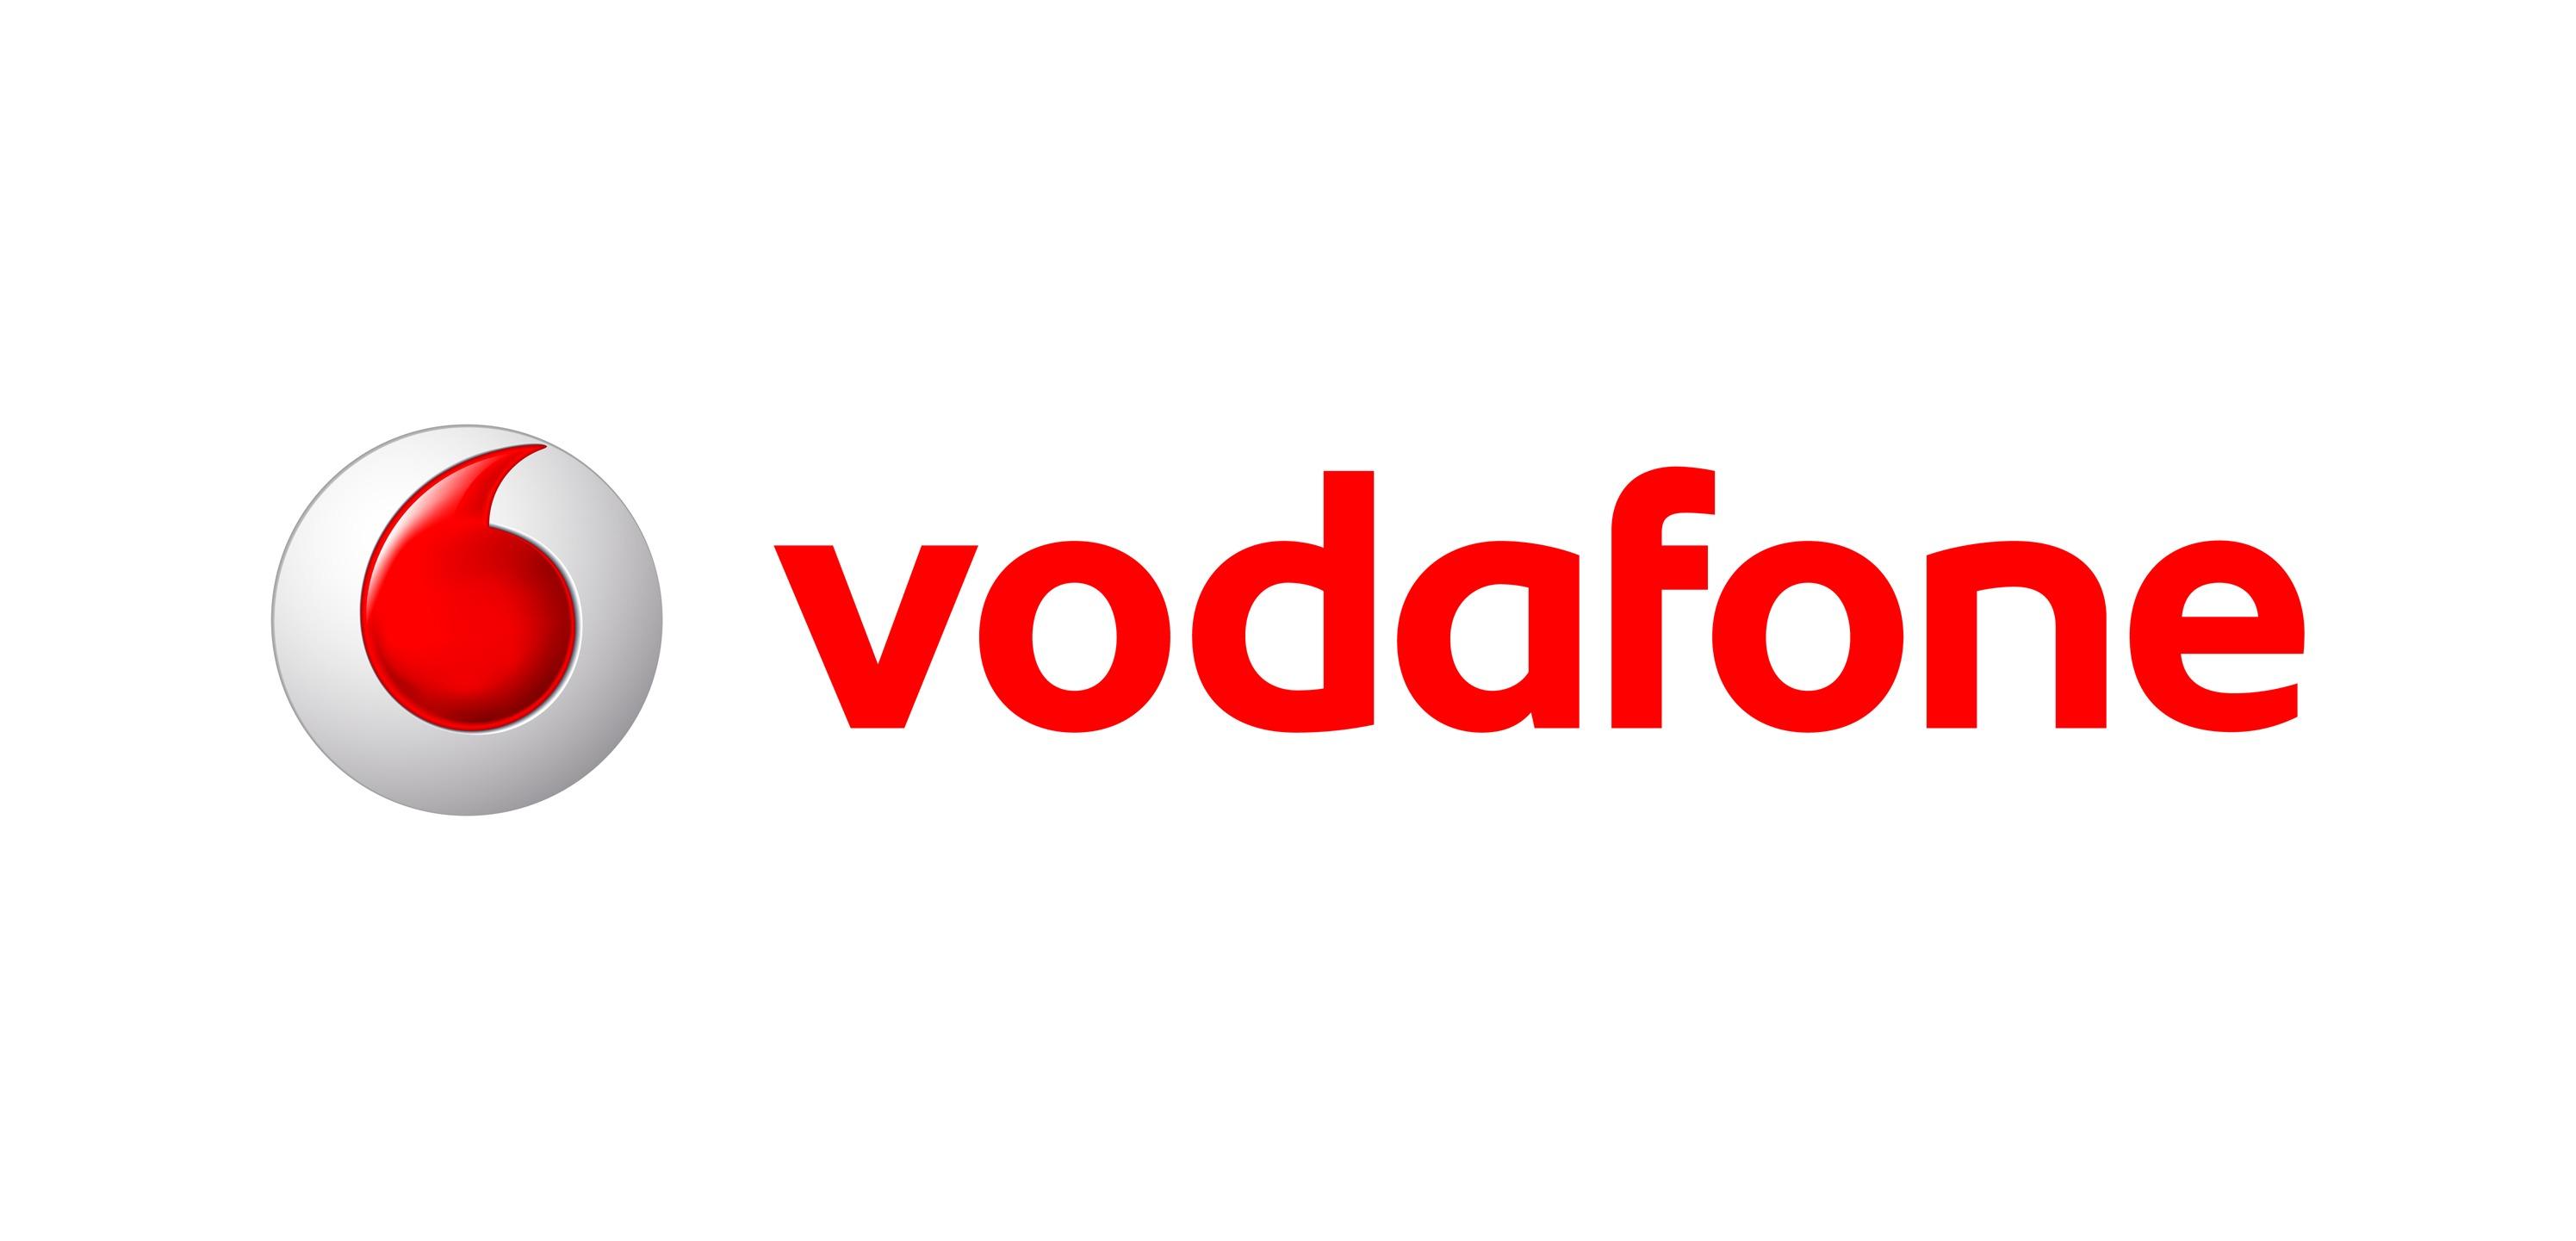 Vodafone es la peor